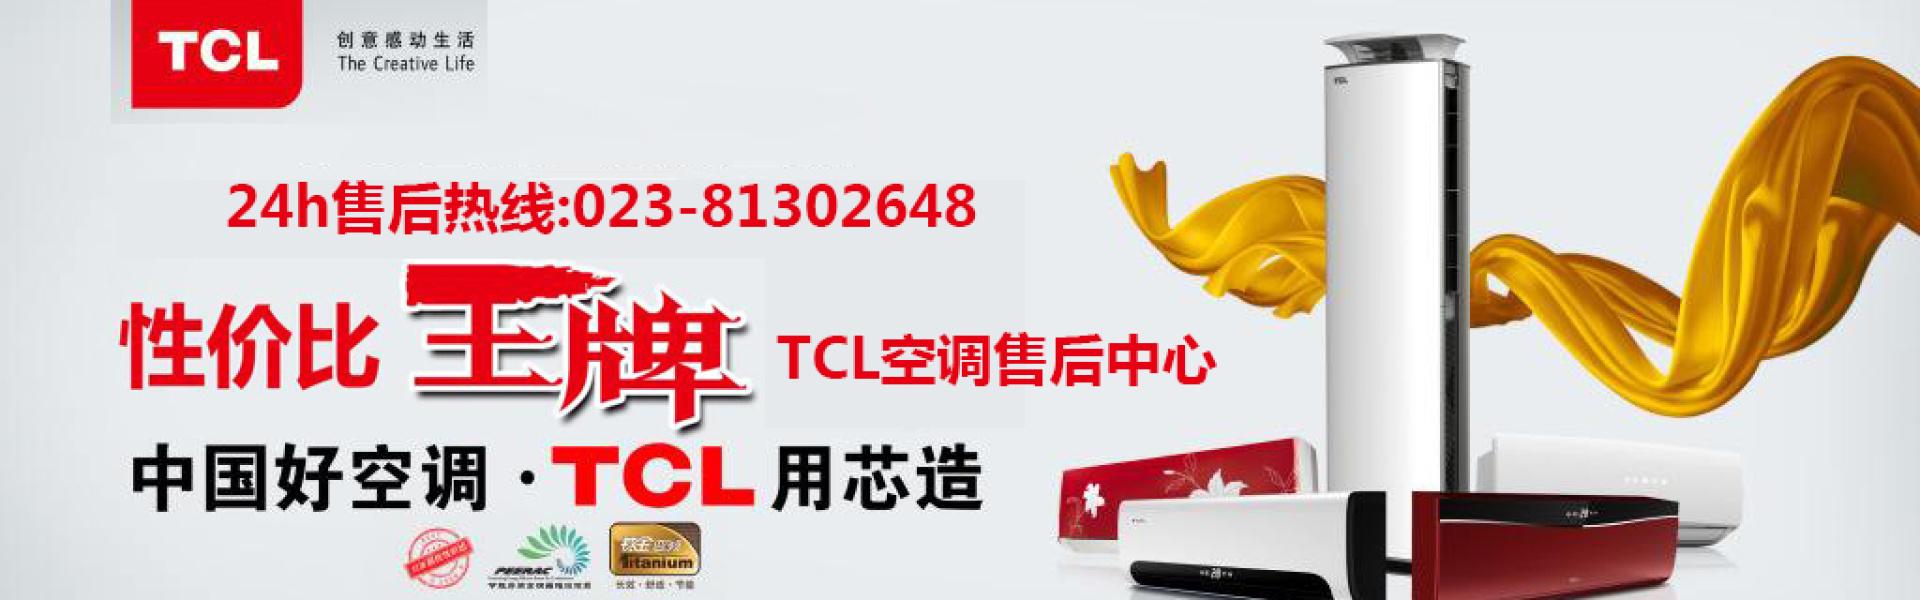 重庆tcl空调售后维修中心电话